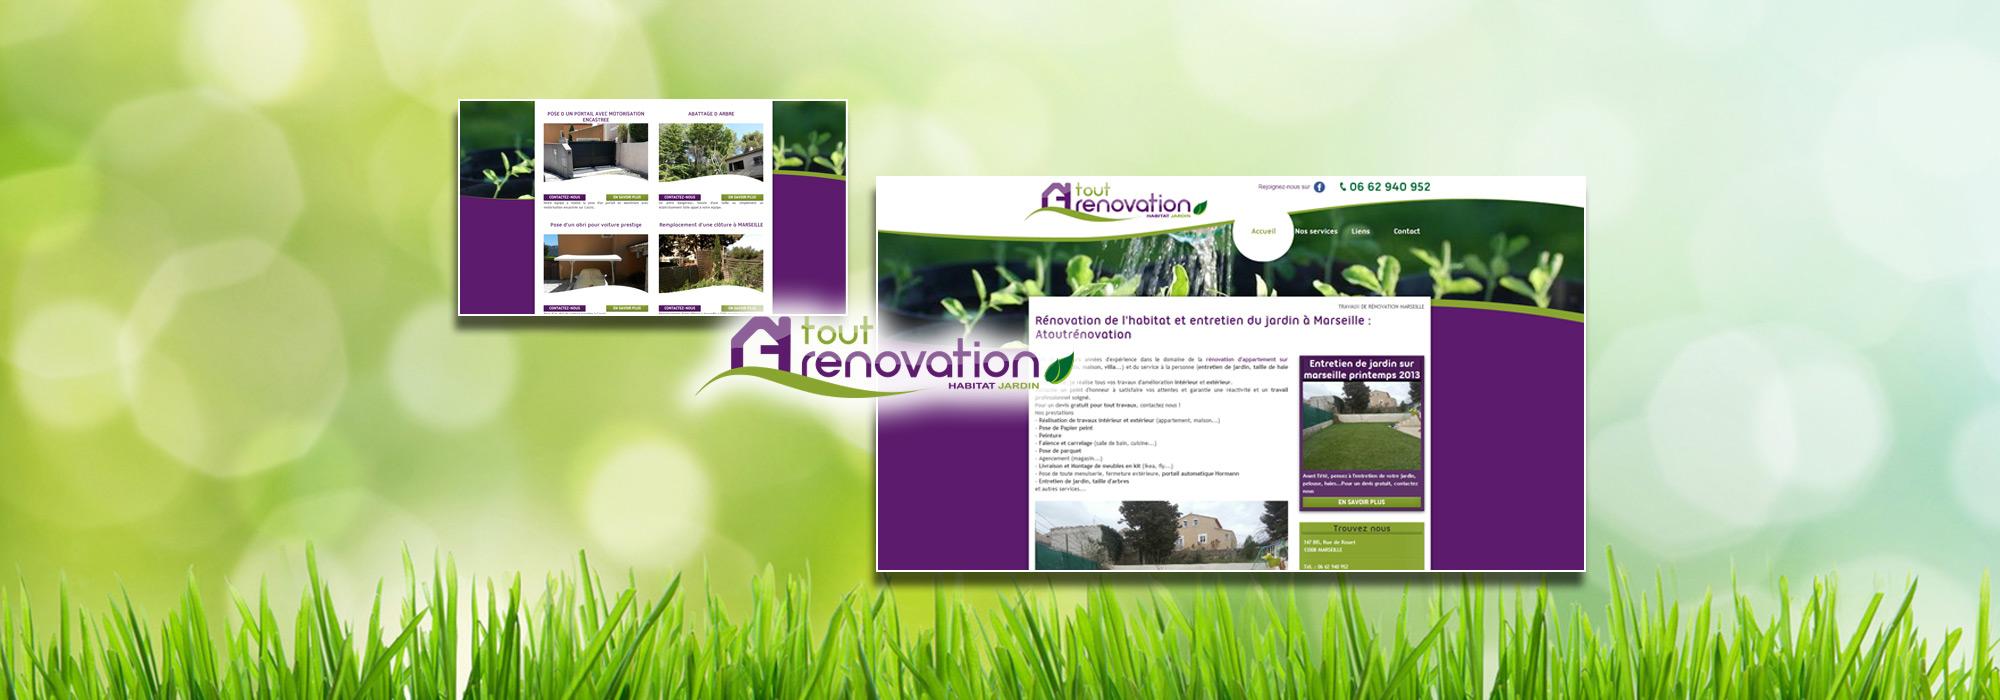 Petits travaux de r novation et entretien de jardin for Travaux et renovation